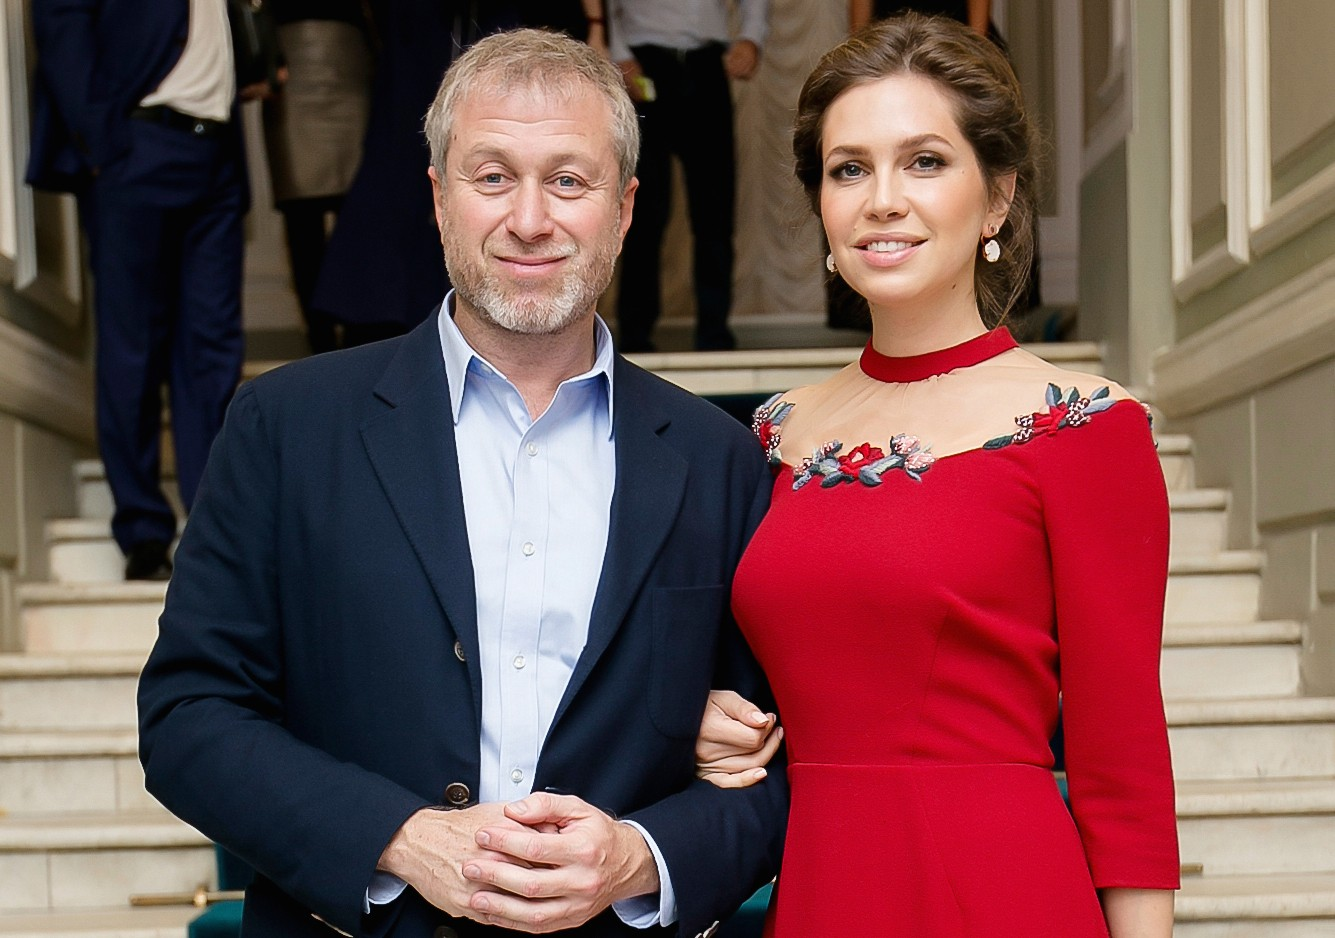 Советник Трампа с супругой впрошлом встречались сРоманом Абрамовичем